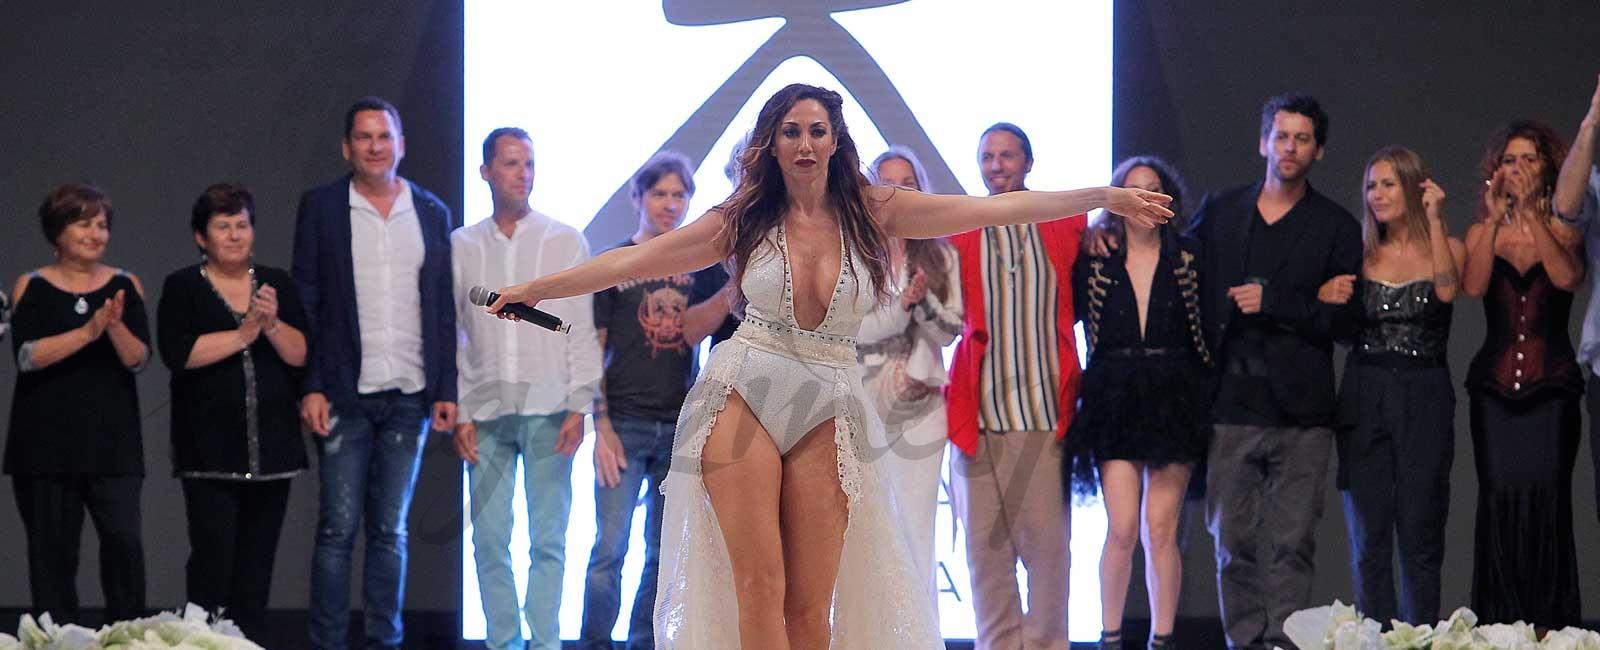 Los mejores momentos de la Pasarela Adlib Moda Ibiza